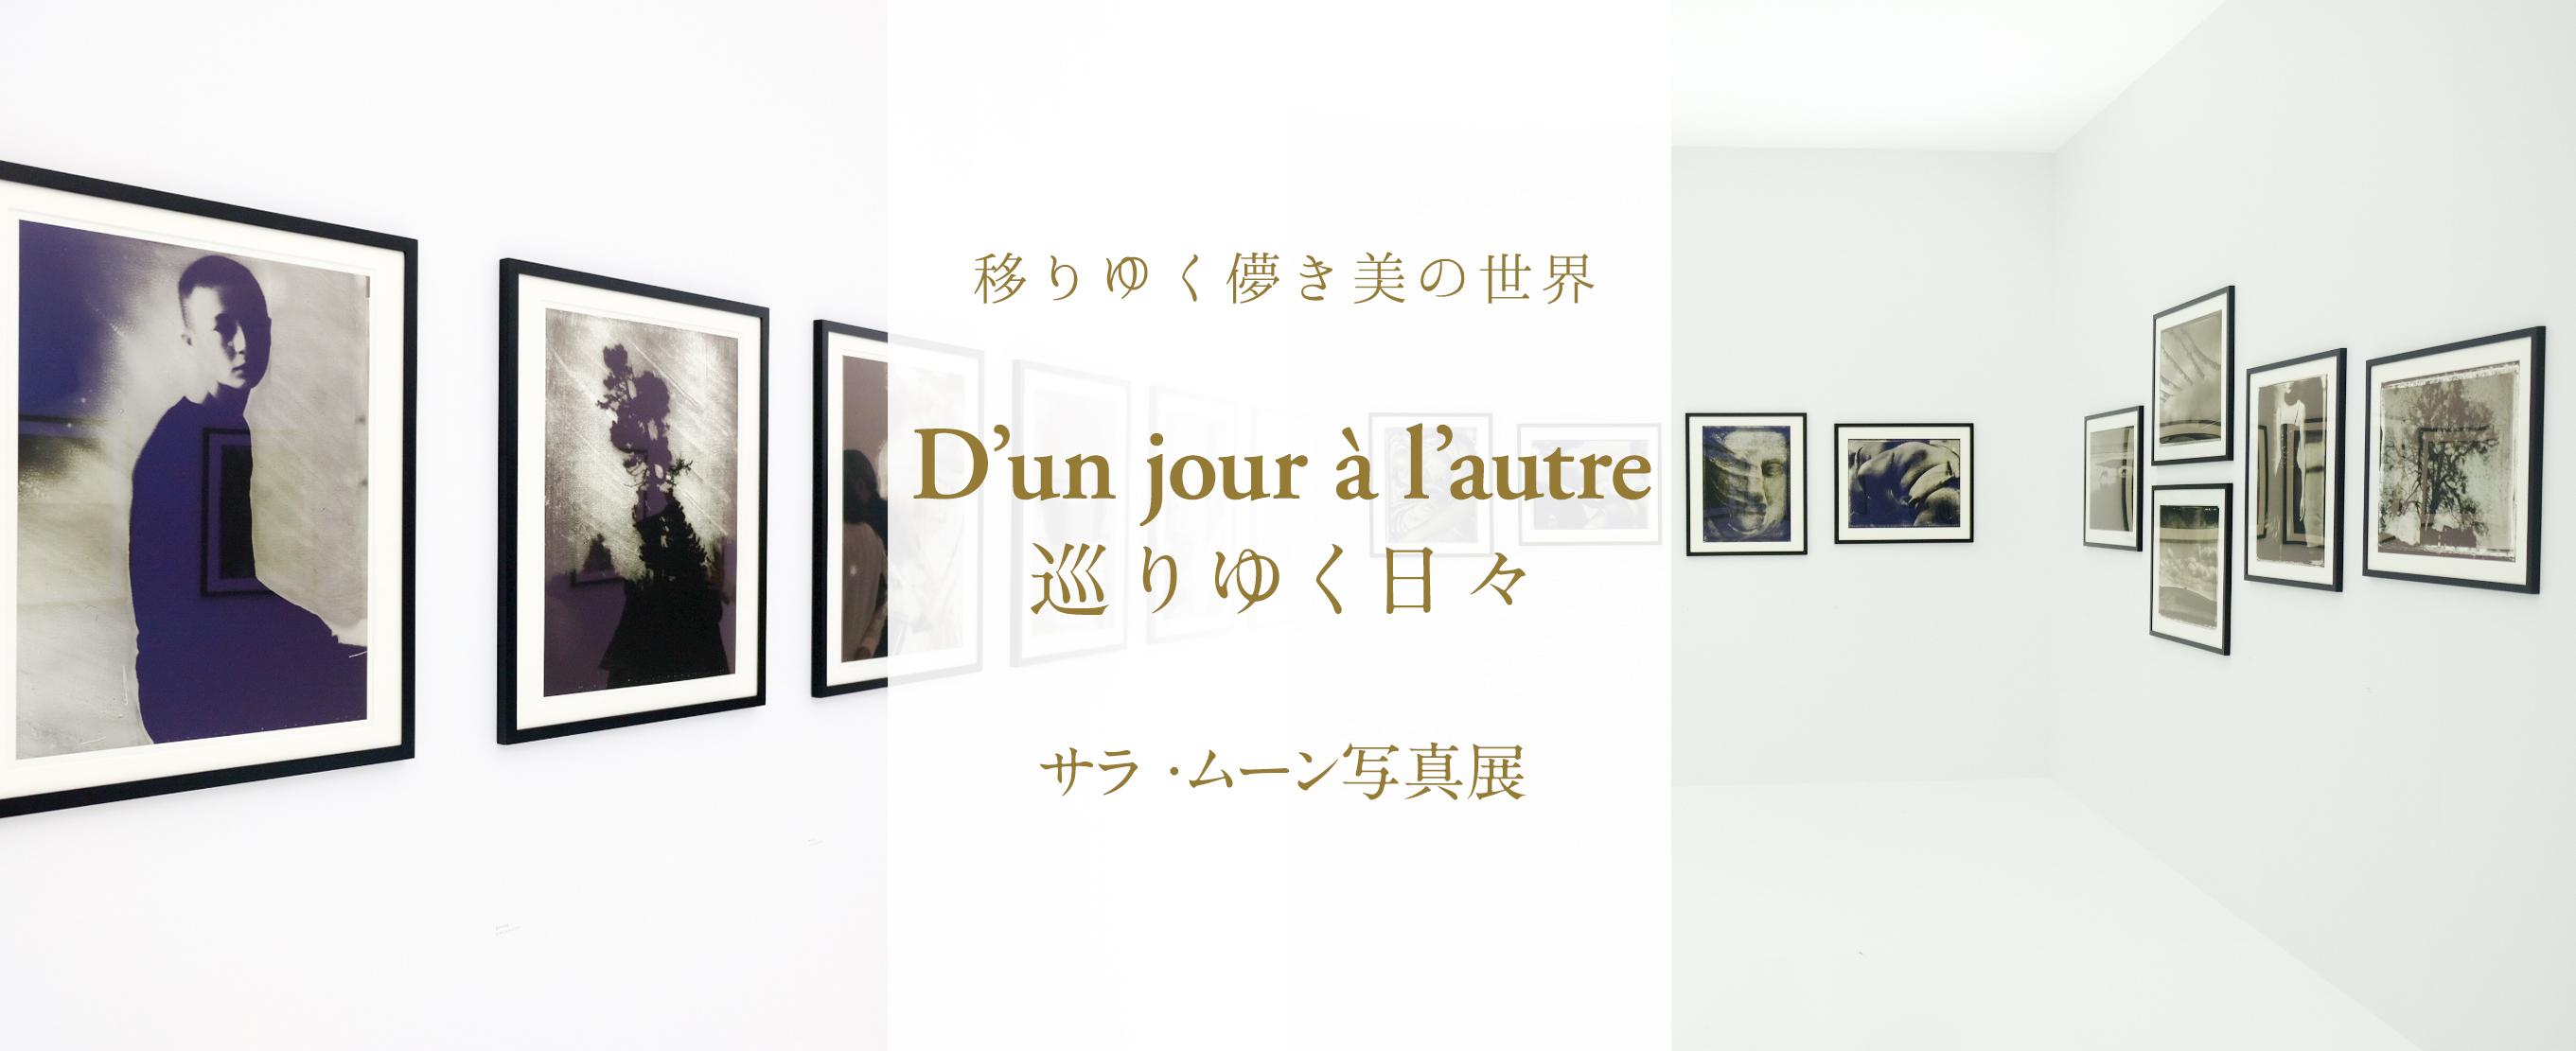 移りゆく儚き美の世界 『D'un jour à l'autre 巡りゆく日々』サラ ・ムーン写真展